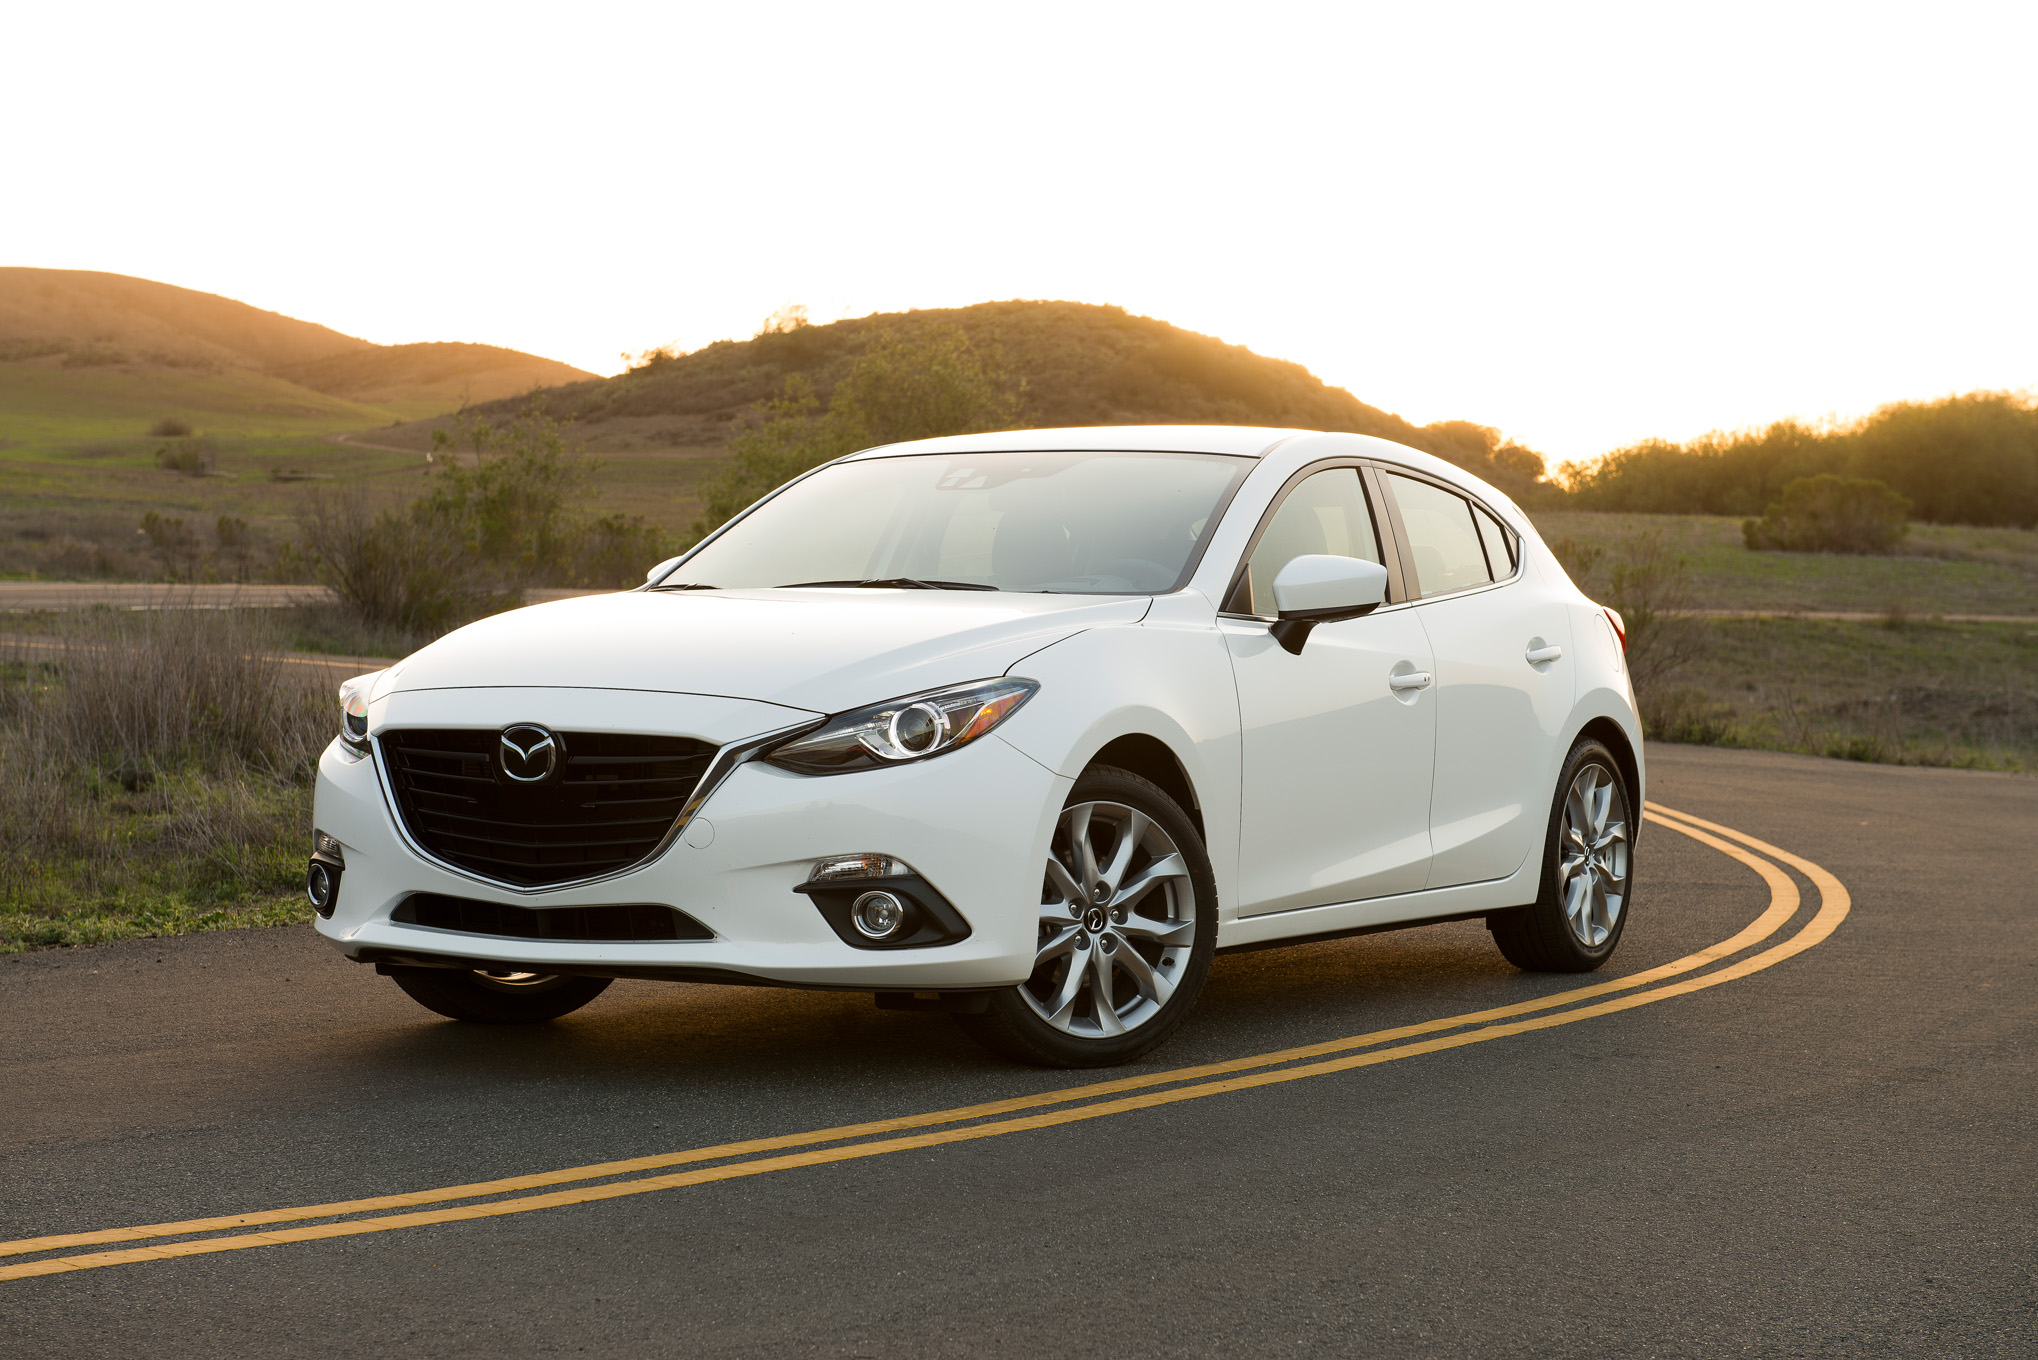 2015 Mazda 3 Front Side